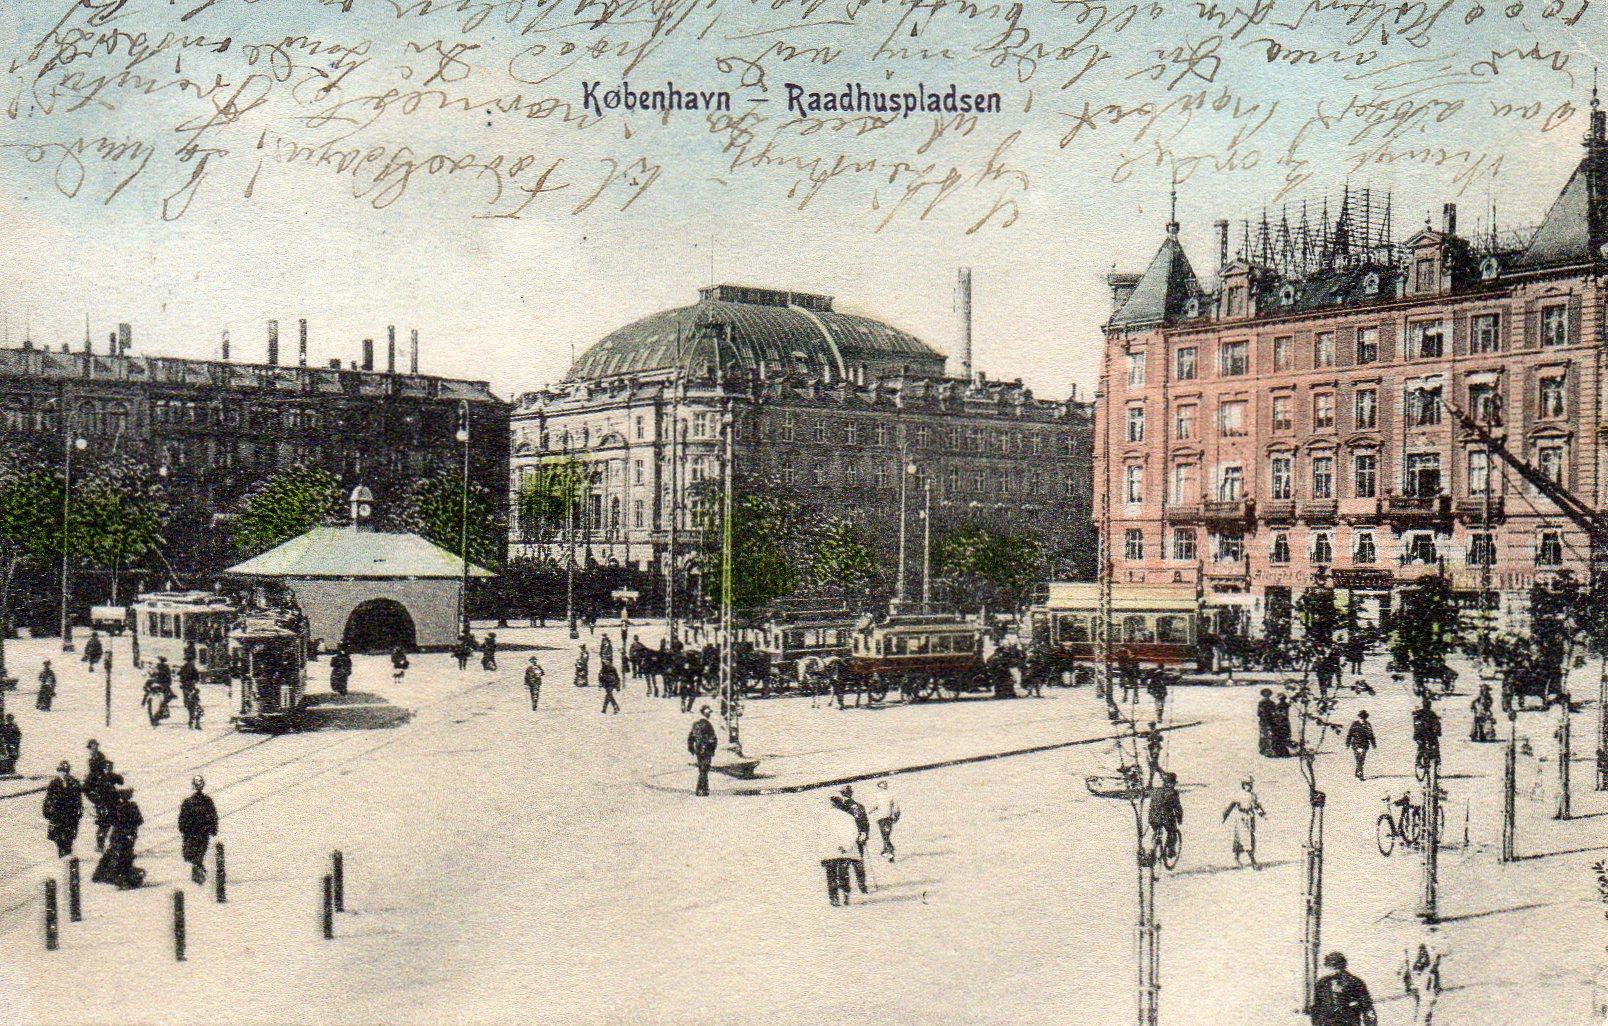 København Rådhuspladsen 1904